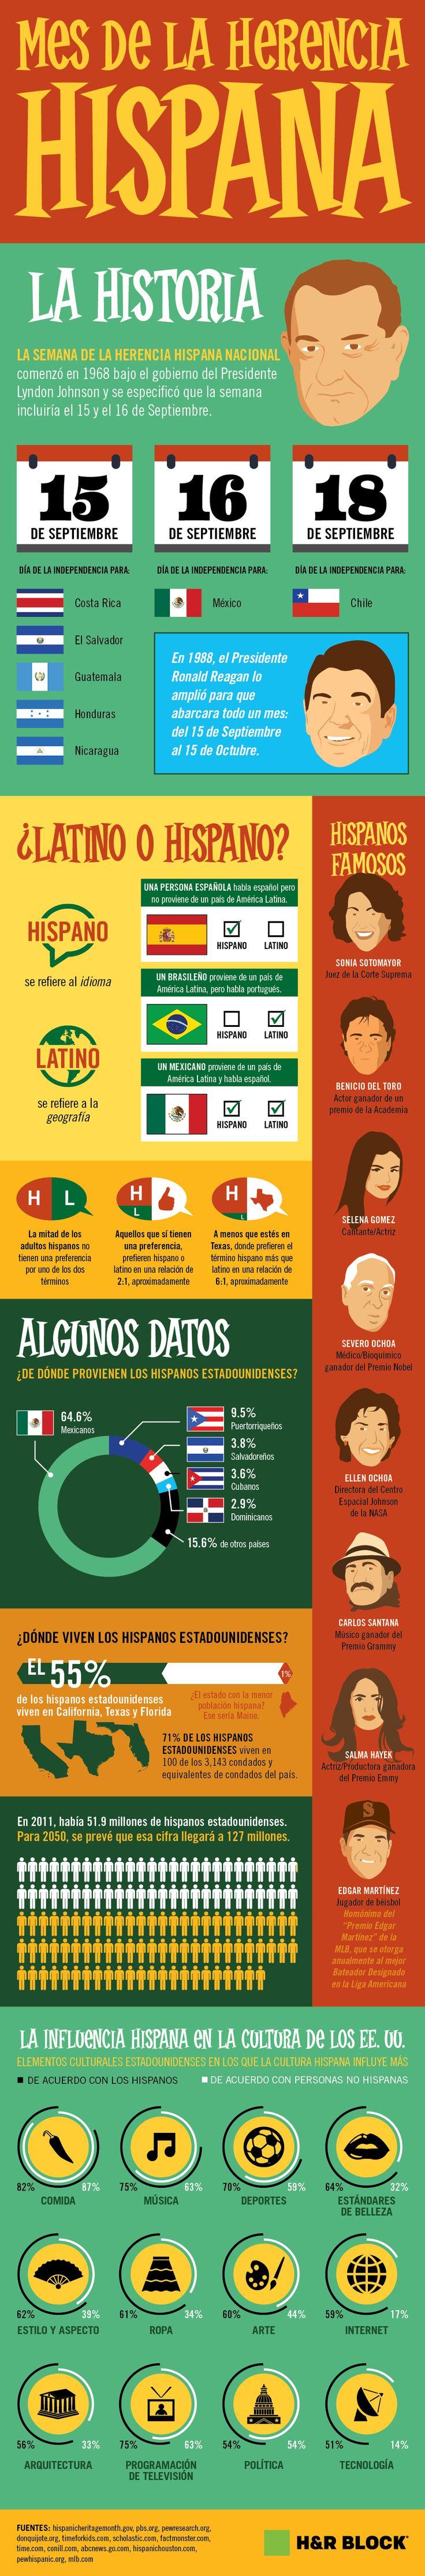 Celebremos El Mes de la Herencia Hispana y la contribución de diferentes generaciones de Latinos en EE.UU. #Infographic #HispanicHeritageMonth #Latinos #Hispanos